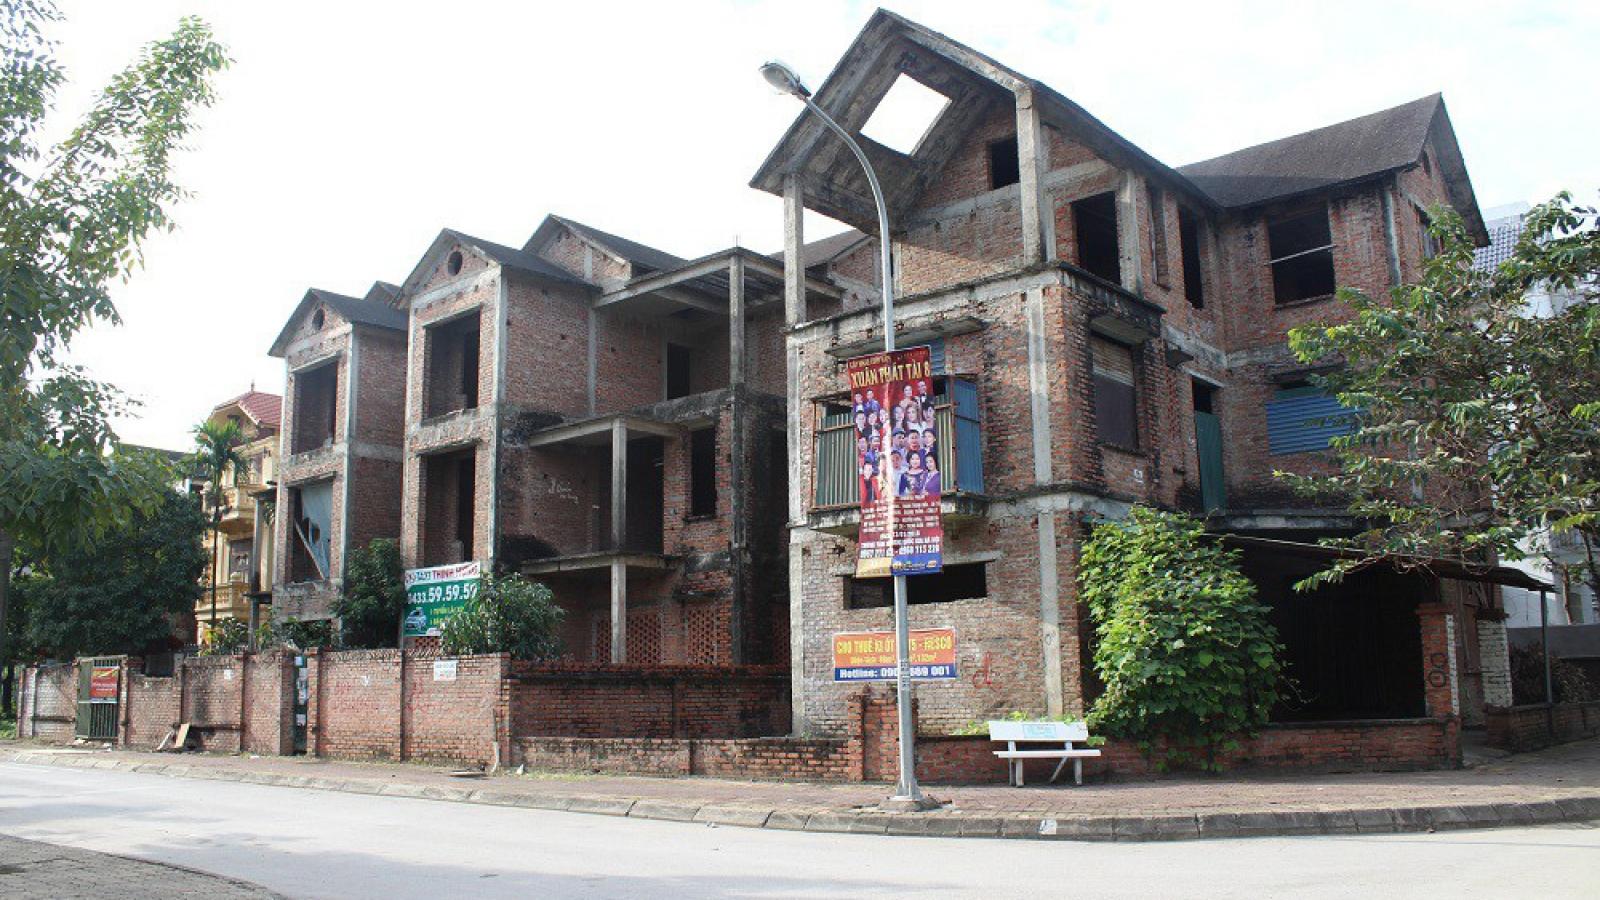 Doanh nghiệp bất động sản ngừng kinh doanh thời hậu Covid-19